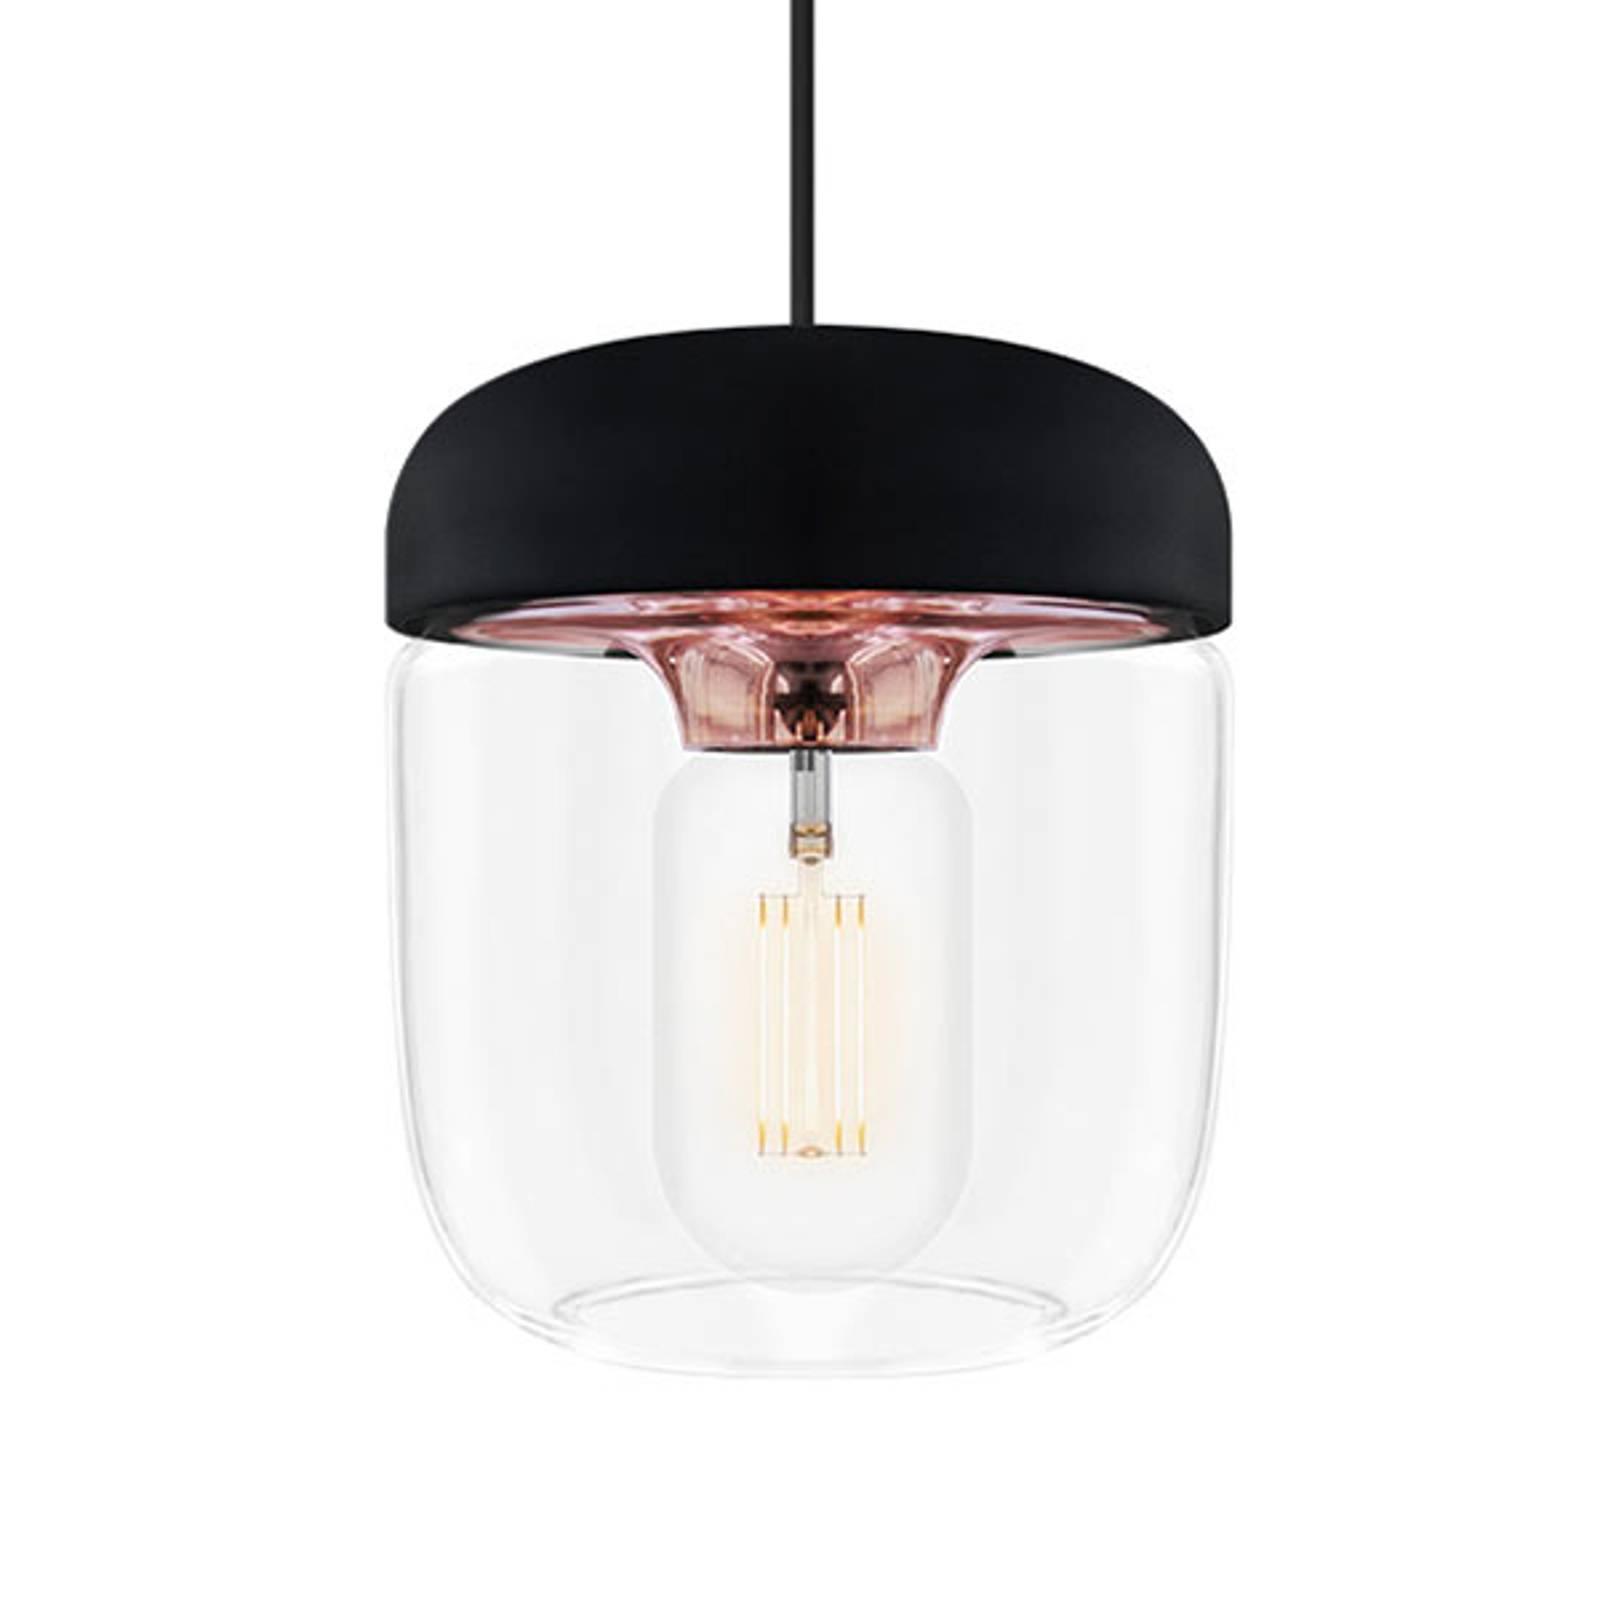 UMAGE Acorn hanglamp zwart/koper